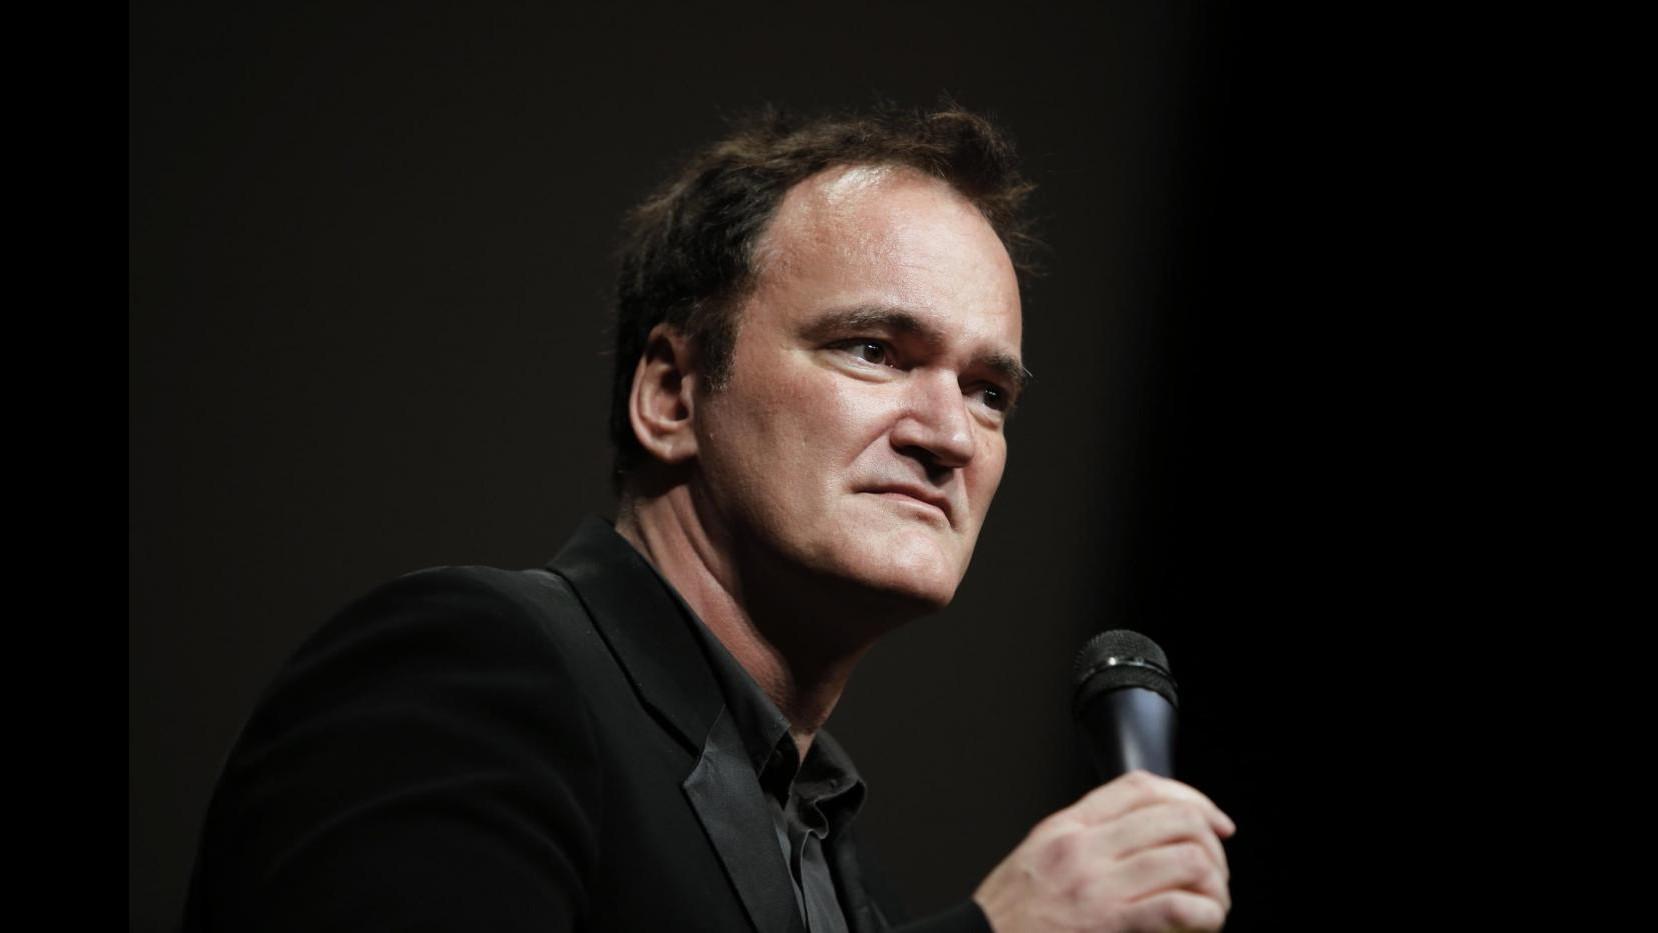 Quentin Tarantino fa causa a sito web per link a sceneggiatura segreta